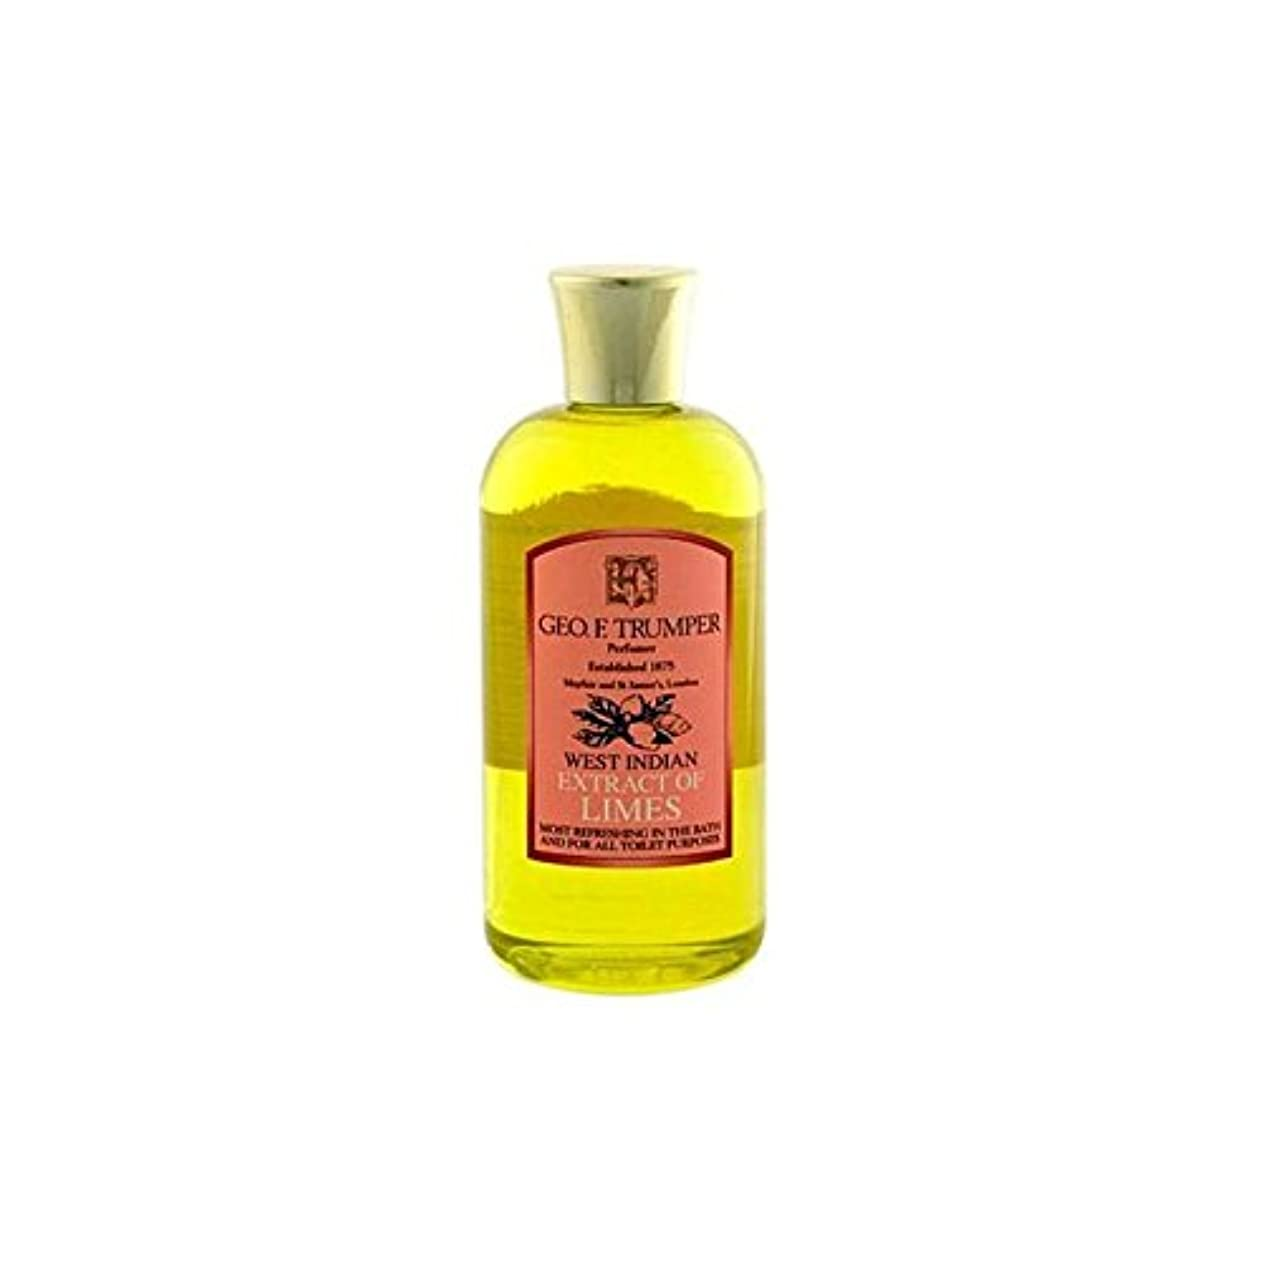 フロンティア価格温室Trumpers Extracts of Limes Bath and Shower Gel 200ml - ライムのバスタブとシャワージェル200の抽出物を [並行輸入品]